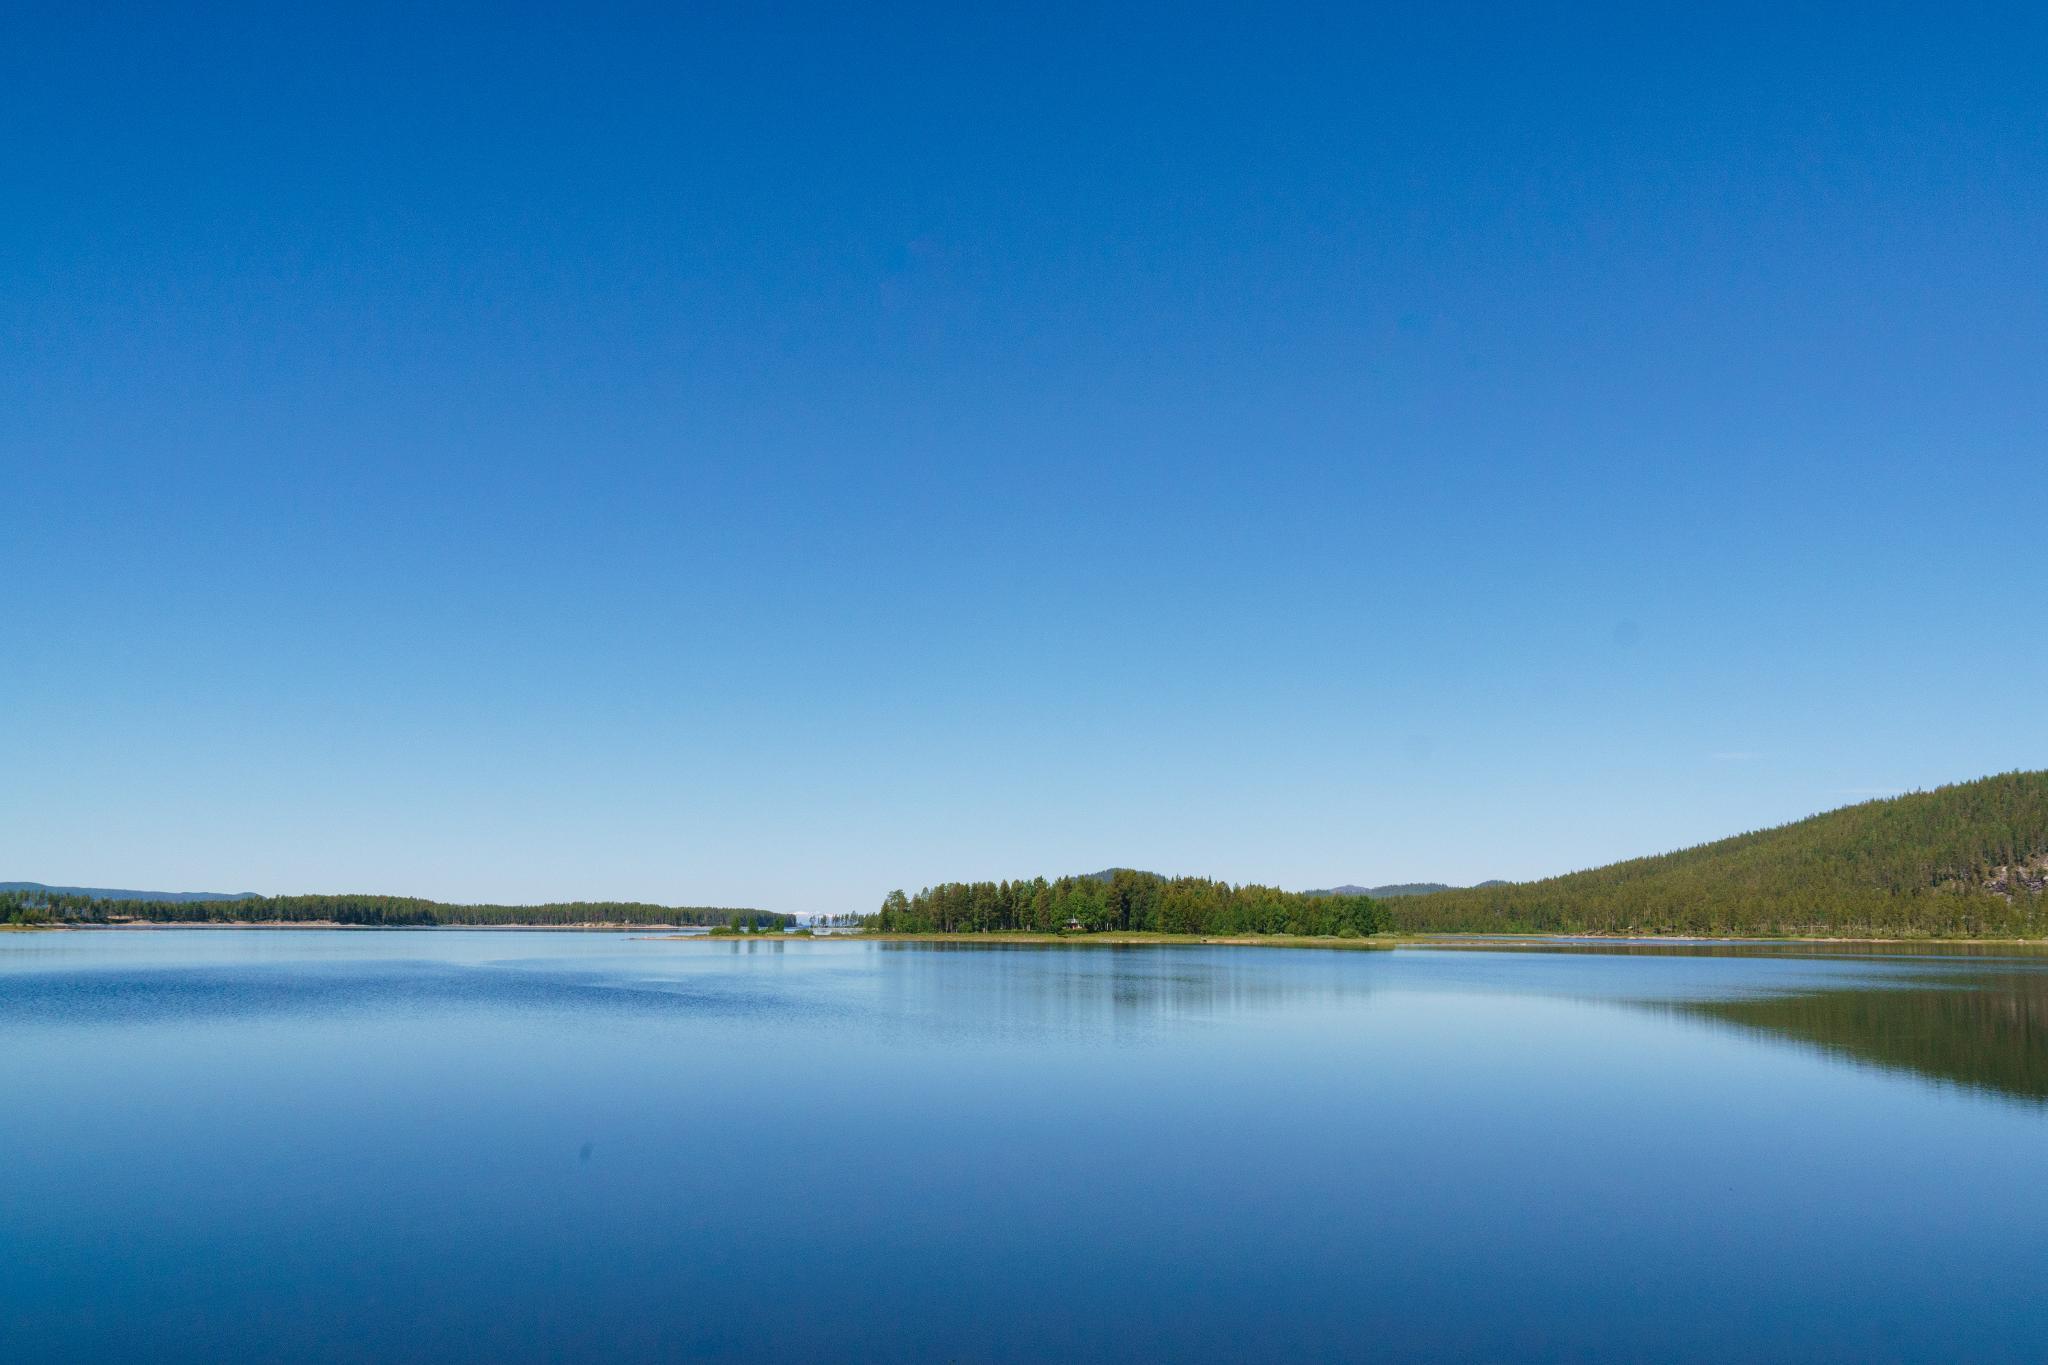 【北歐露營】北極荒野的推薦度假村 — 瑞典阿爾耶普魯格 Kraja 酒店 72